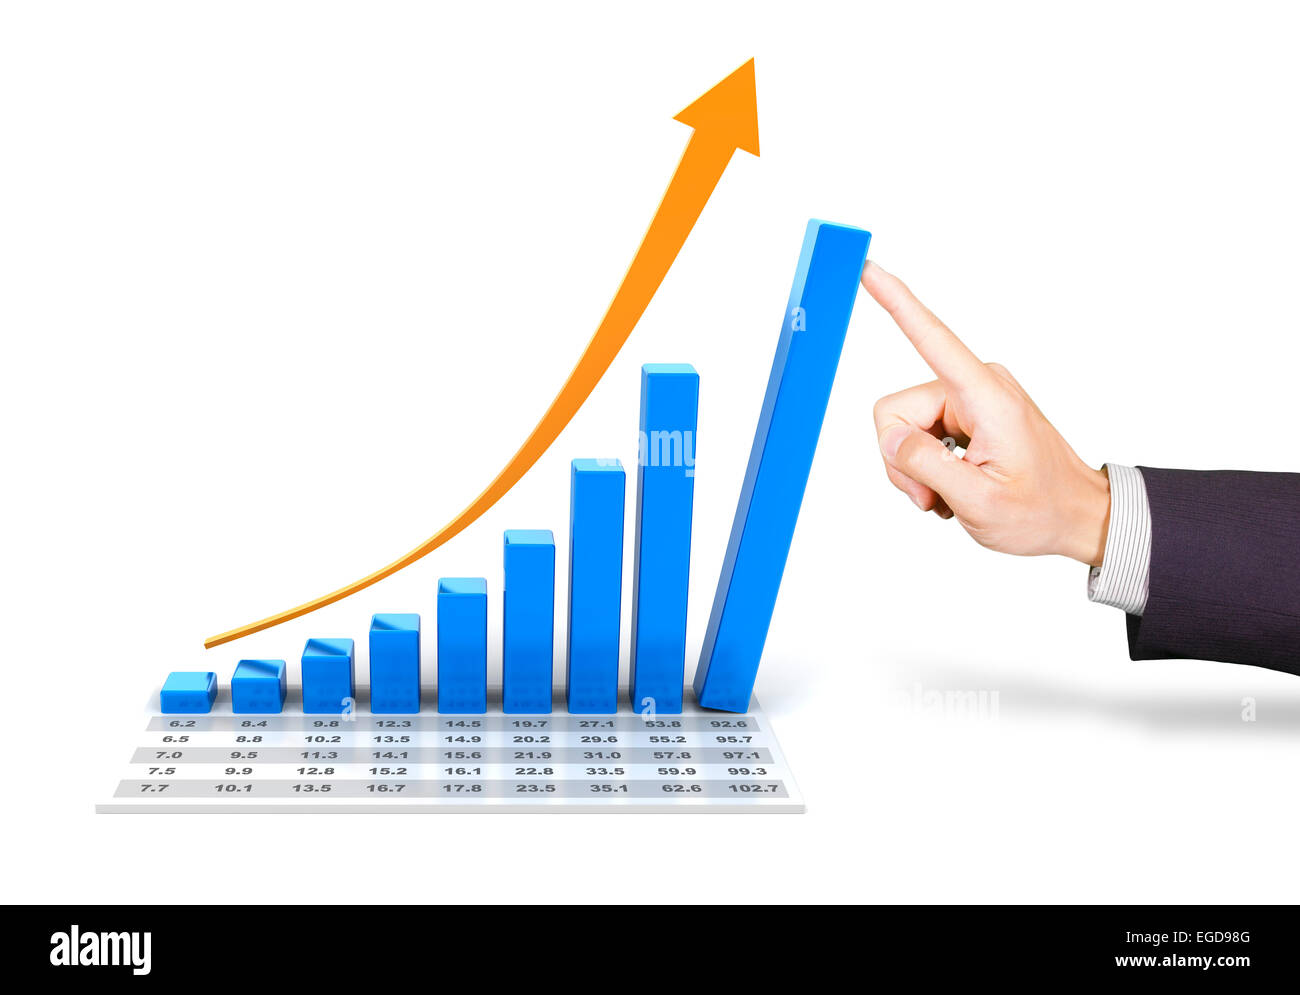 Gráfico ascendente con la mano empujando la barra más alta Imagen De Stock